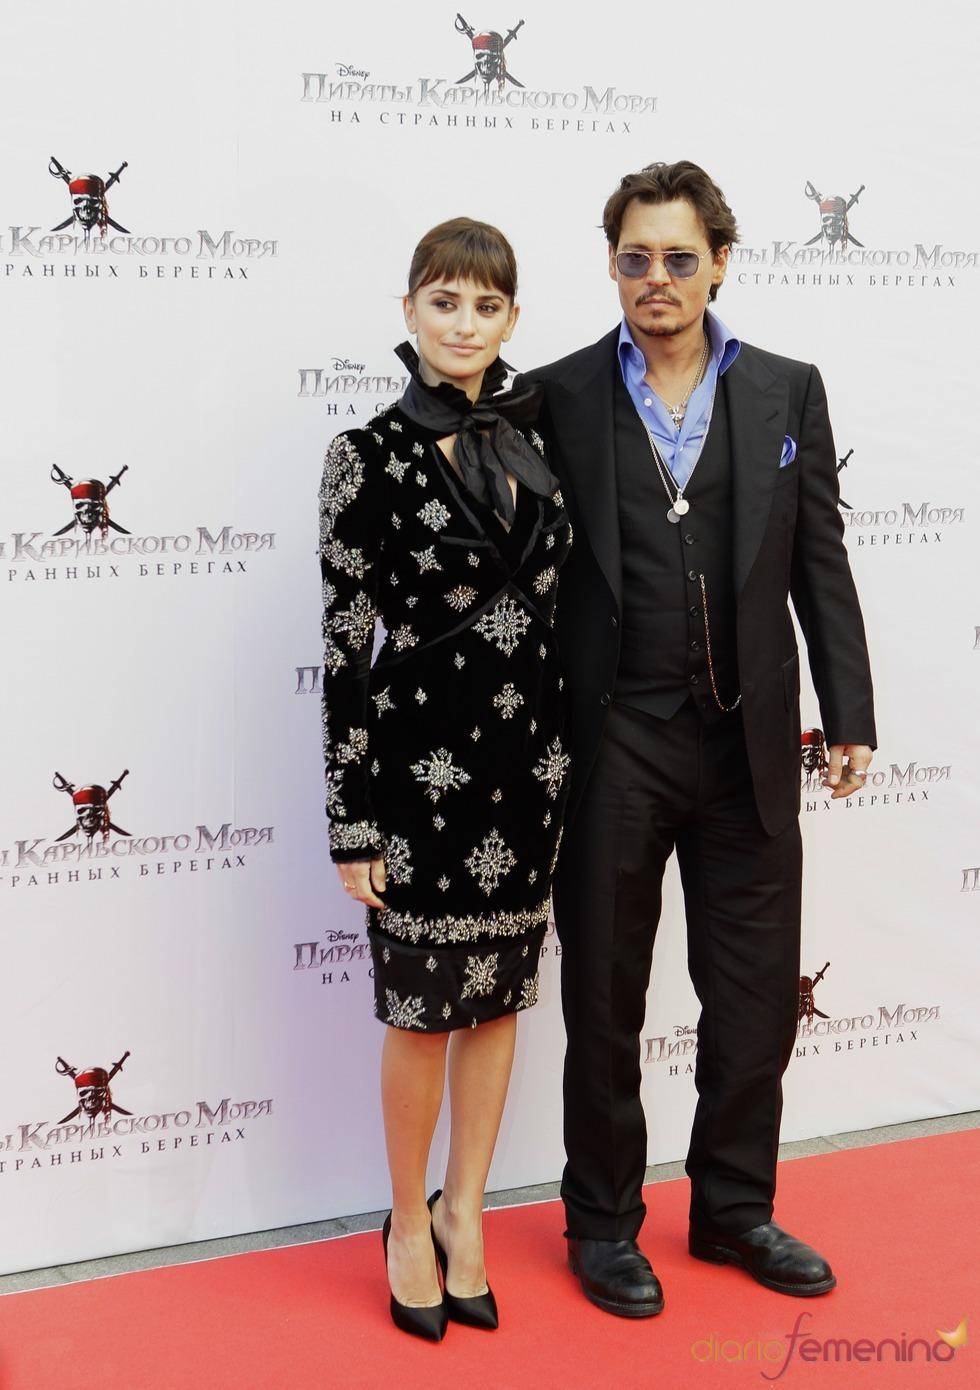 Penélope Cruz y Johnny Depp presentan 'Piratas del Caribe 4' en Moscú